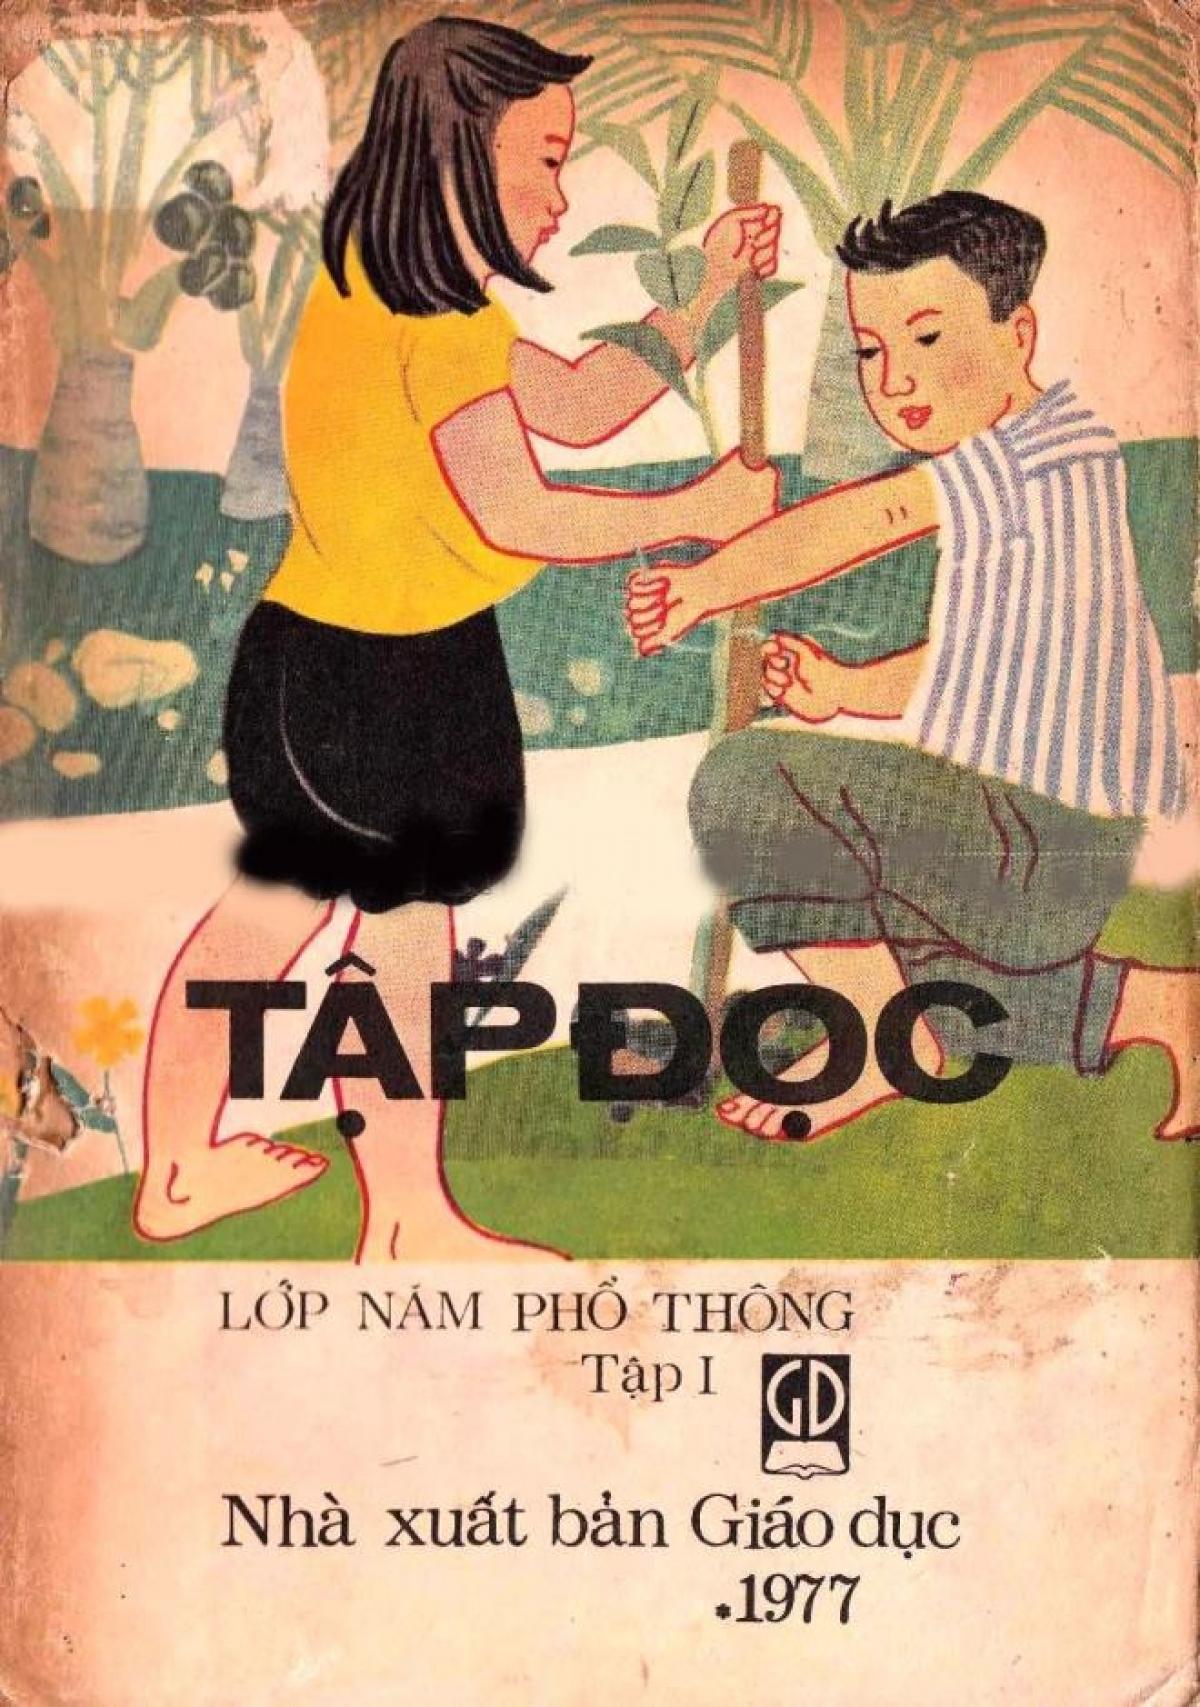 Sách Tập đọc lớp 5, năm 1977.